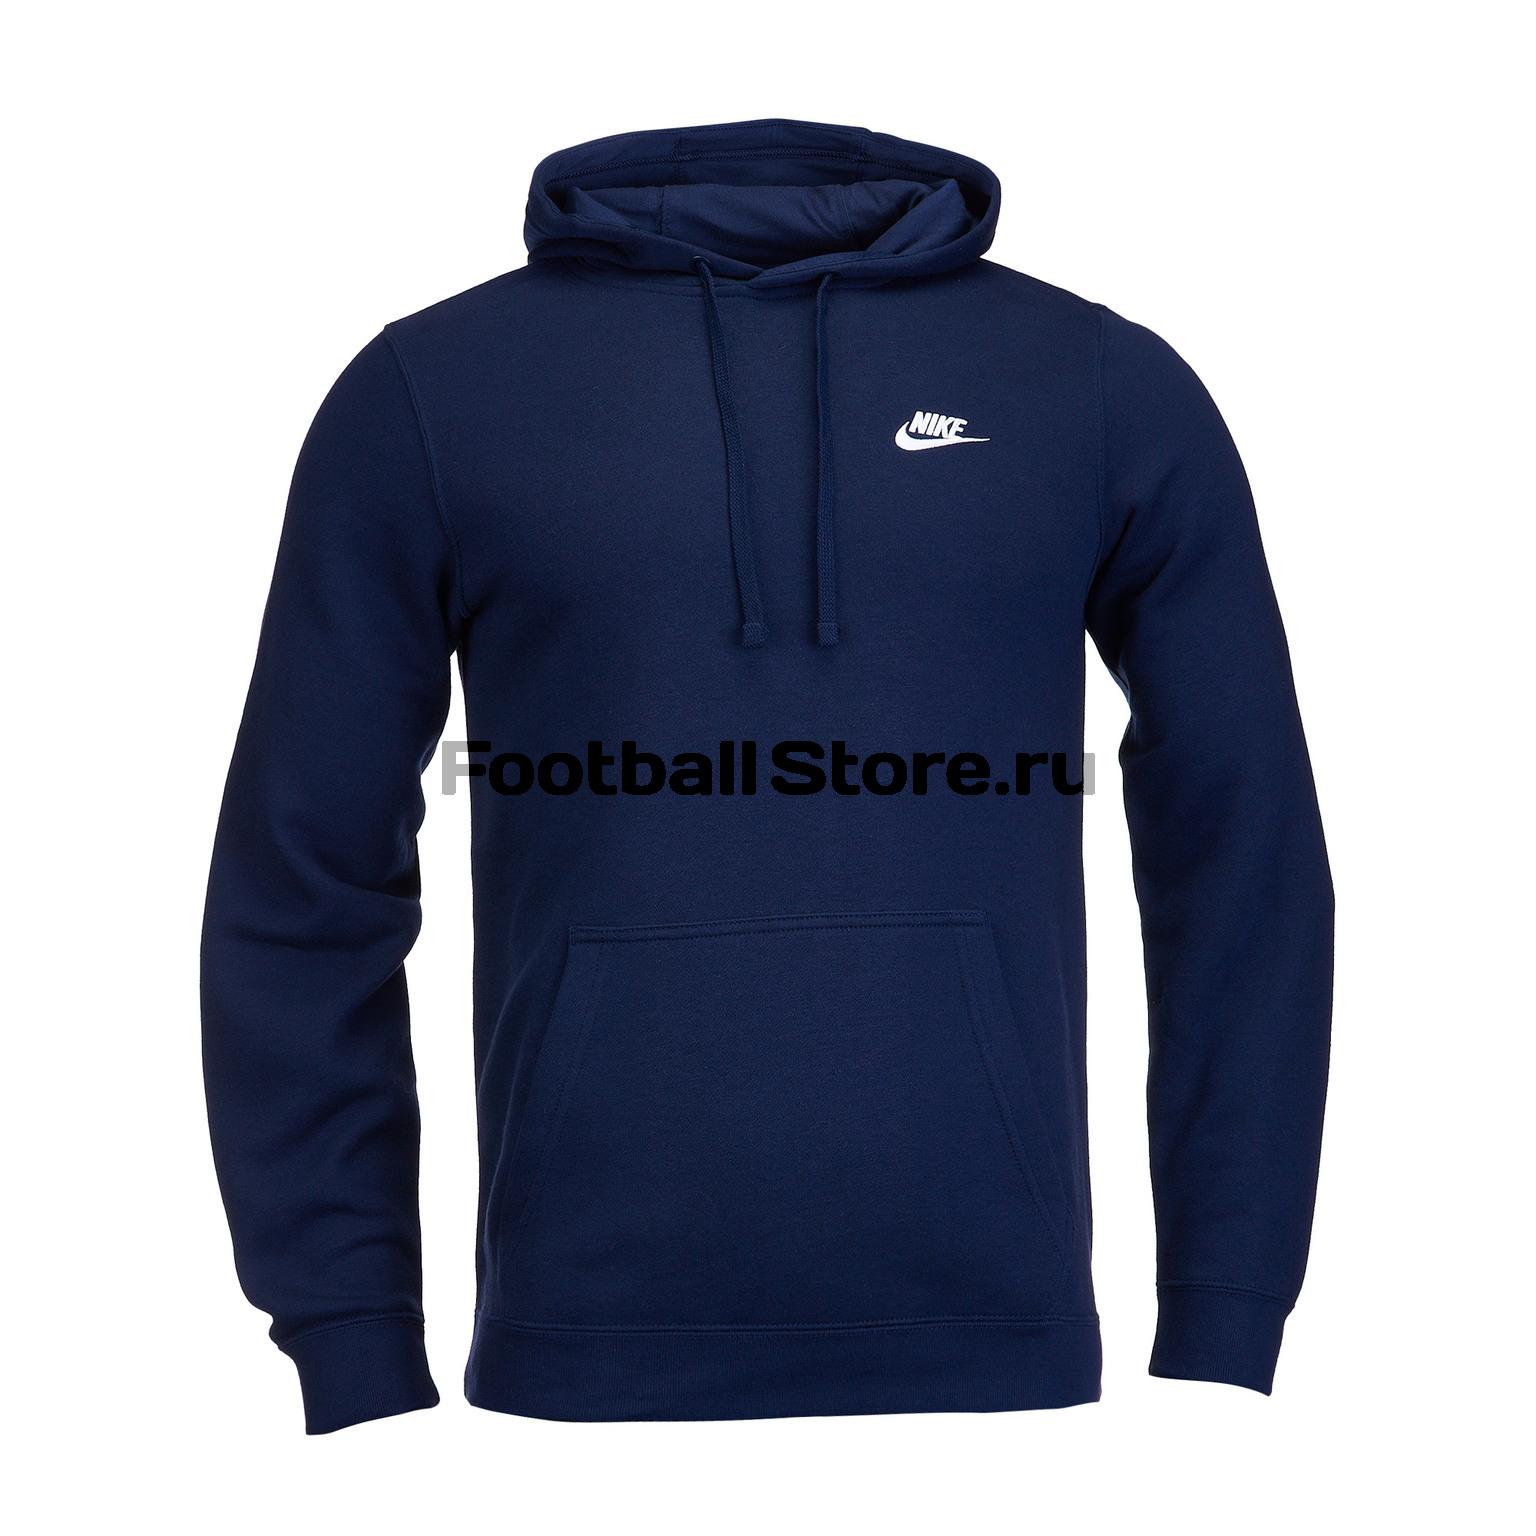 Толстовка Nike NSW Club Hoodie 804346-451 толстовка nike nsw club hoodie 804346 010